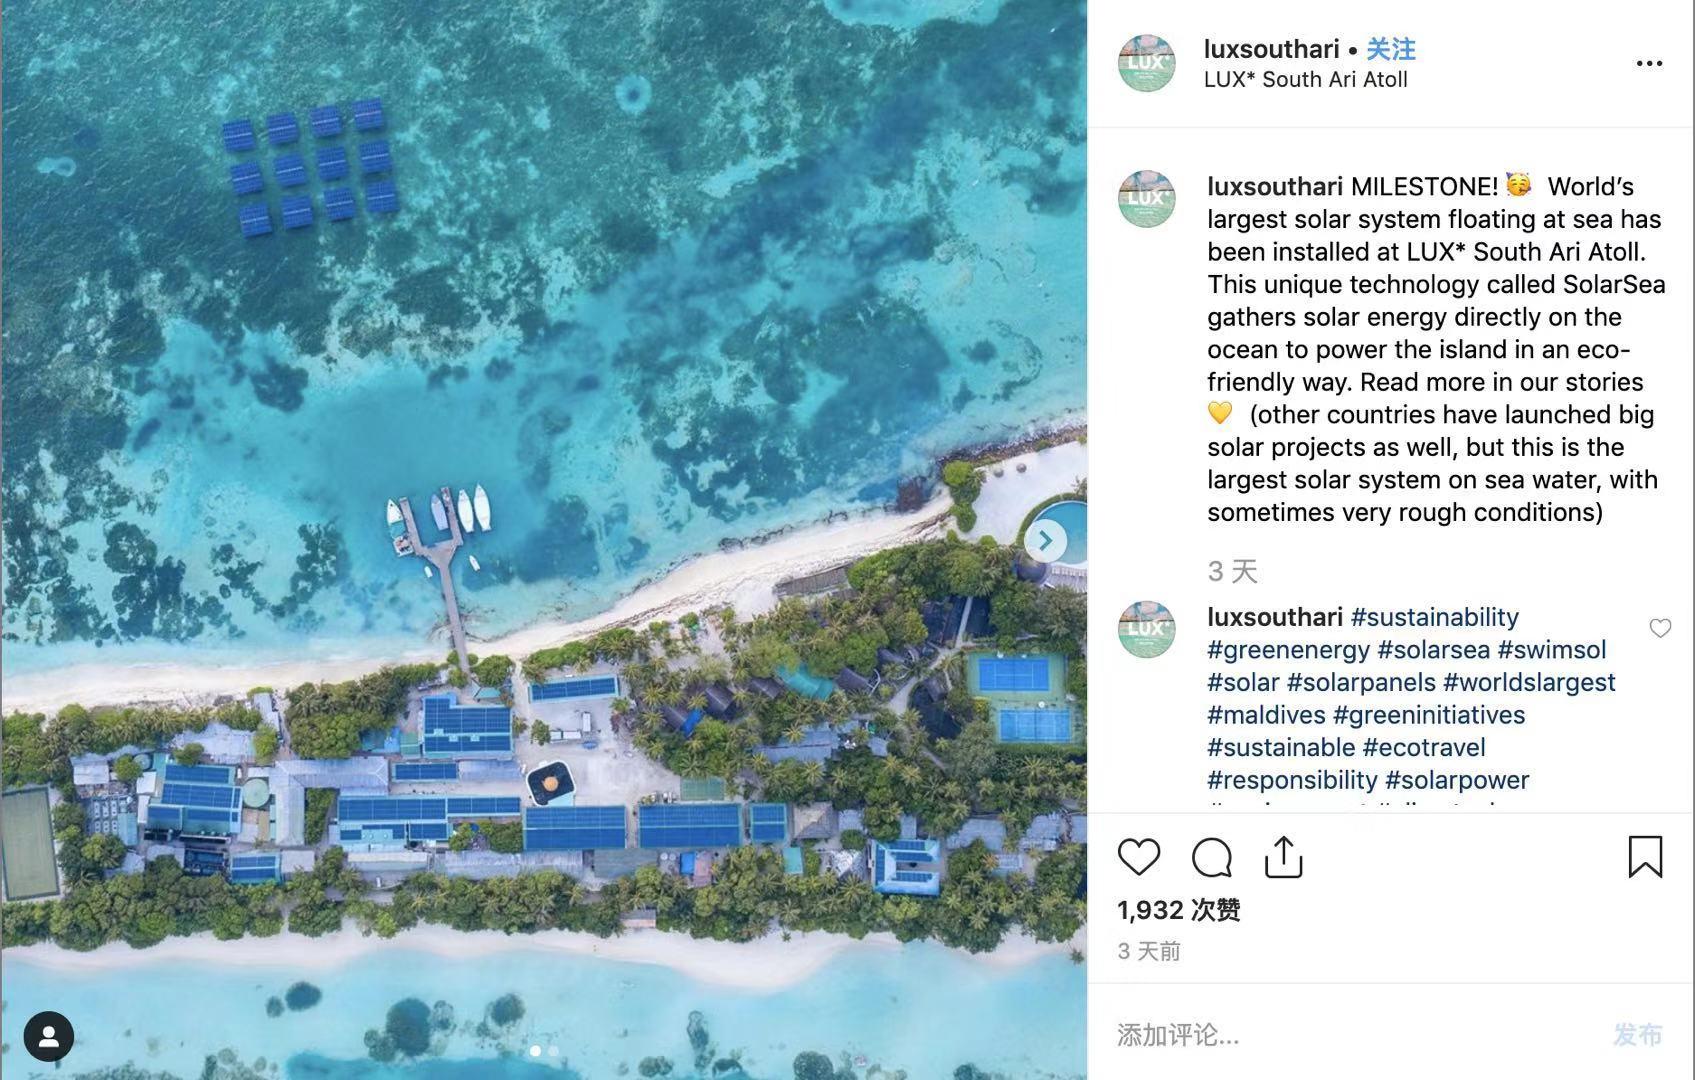 全球最大漂浮式太阳能发电系统在马尔代夫南丽世岛落成